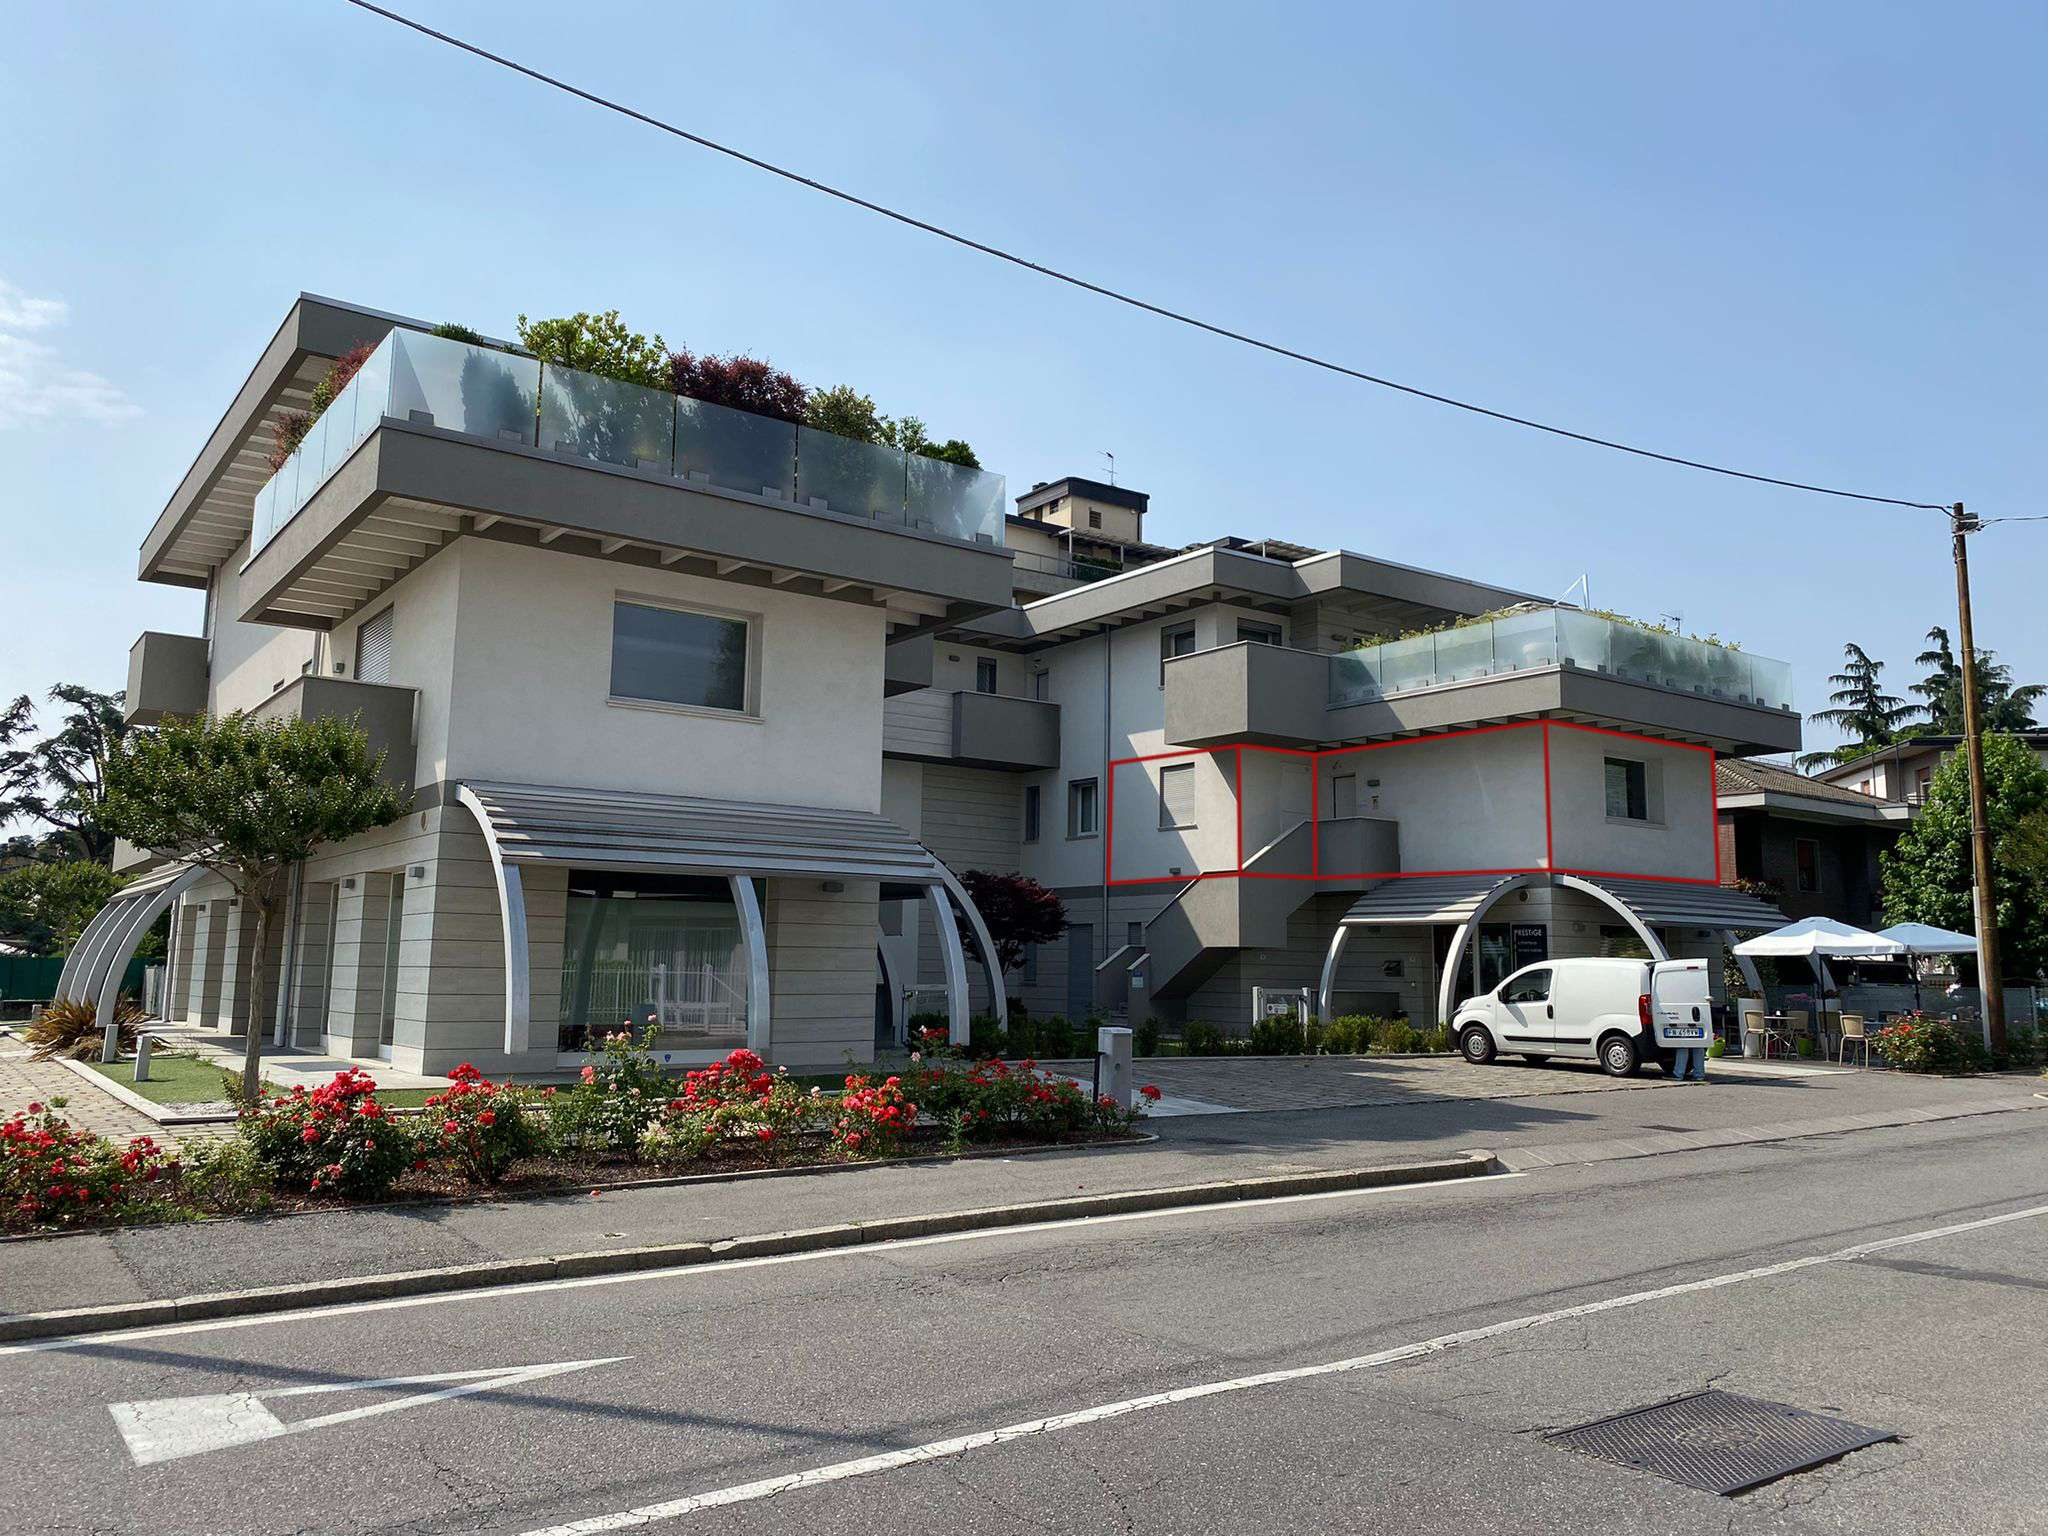 Ufficio / Studio in affitto a Dalmine, 3 locali, prezzo € 800 | PortaleAgenzieImmobiliari.it